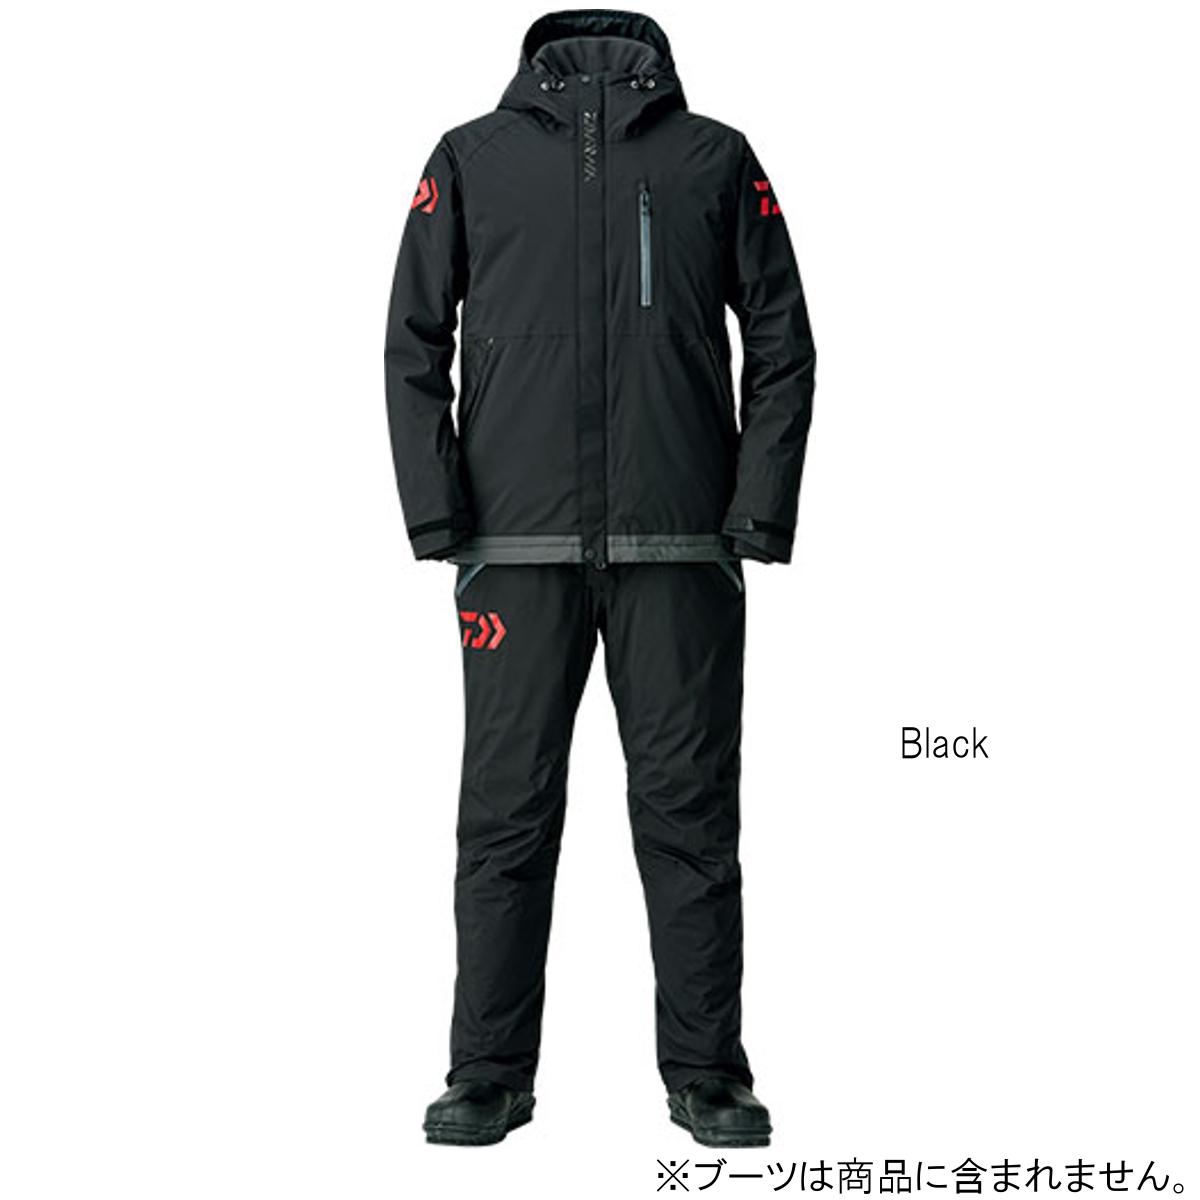 ダイワ レインマックス エクストラハイロフト ウィンタースーツ DW-3208 L Black(東日本店)